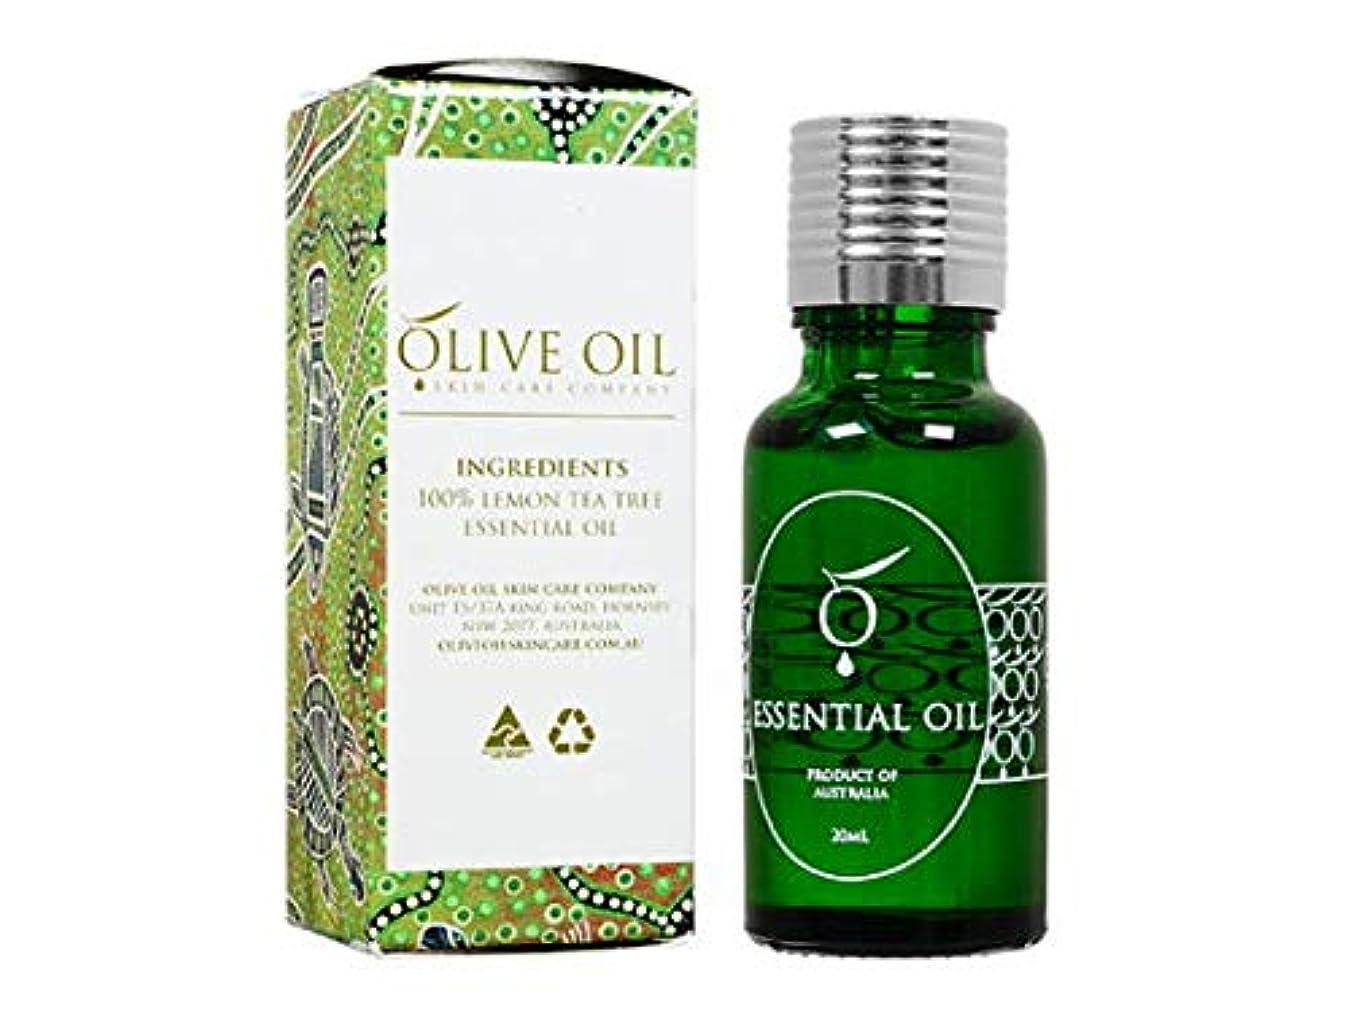 ラケット決定する解くOliveOil エッセンシャルオイル?レモンティーツリー 20ml (OliveOil) Essential Oil (Lemon Tea Tree) Made in Australia